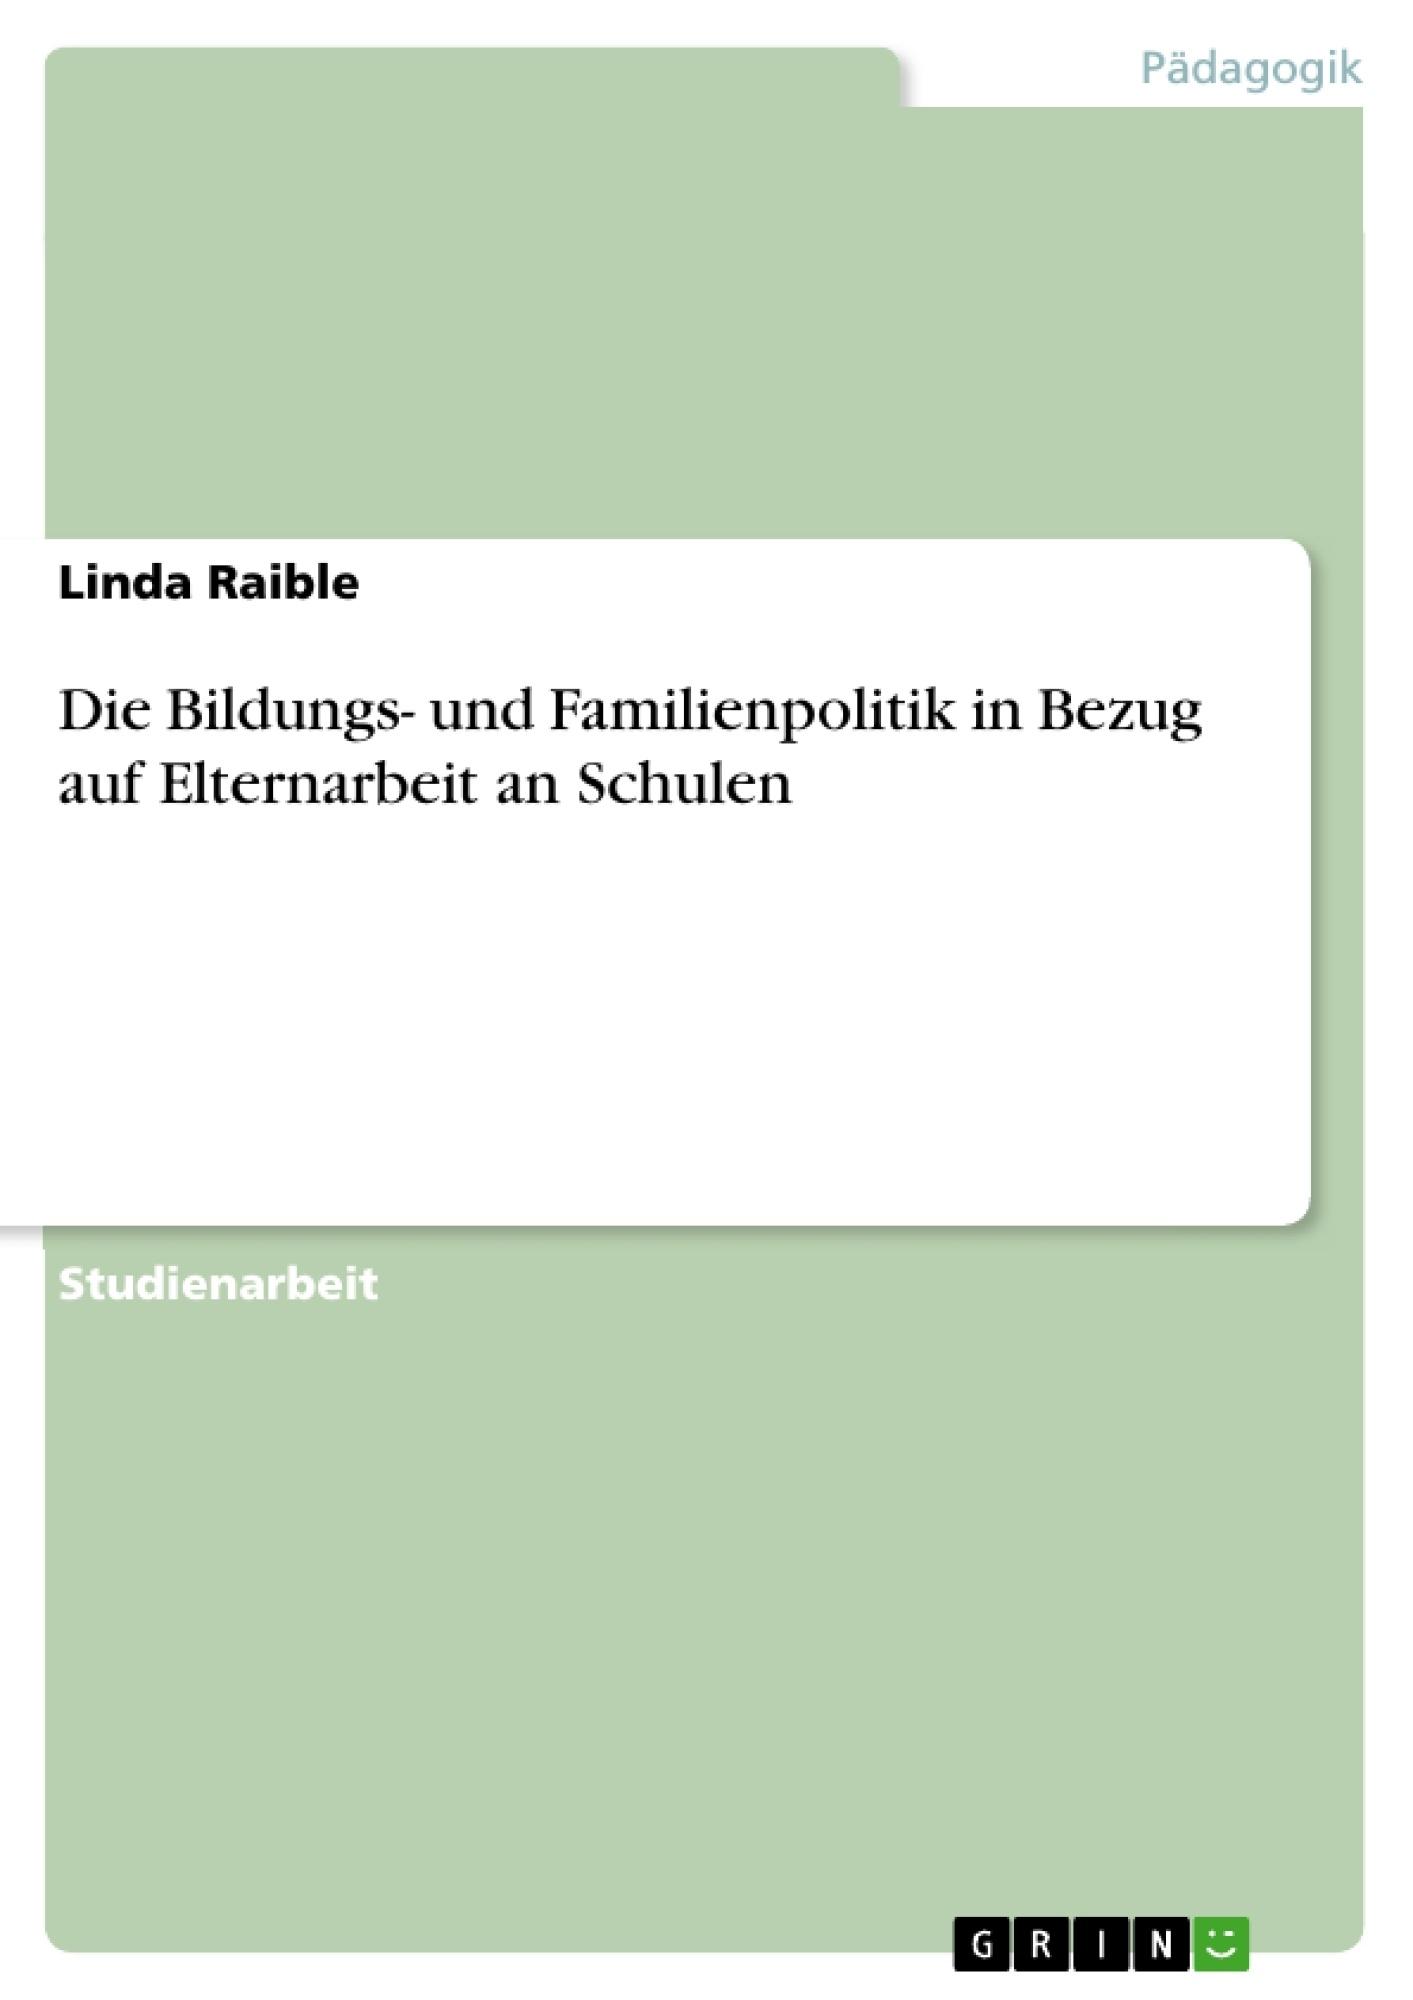 Titel: Die Bildungs- und Familienpolitik in Bezug auf Elternarbeit an Schulen